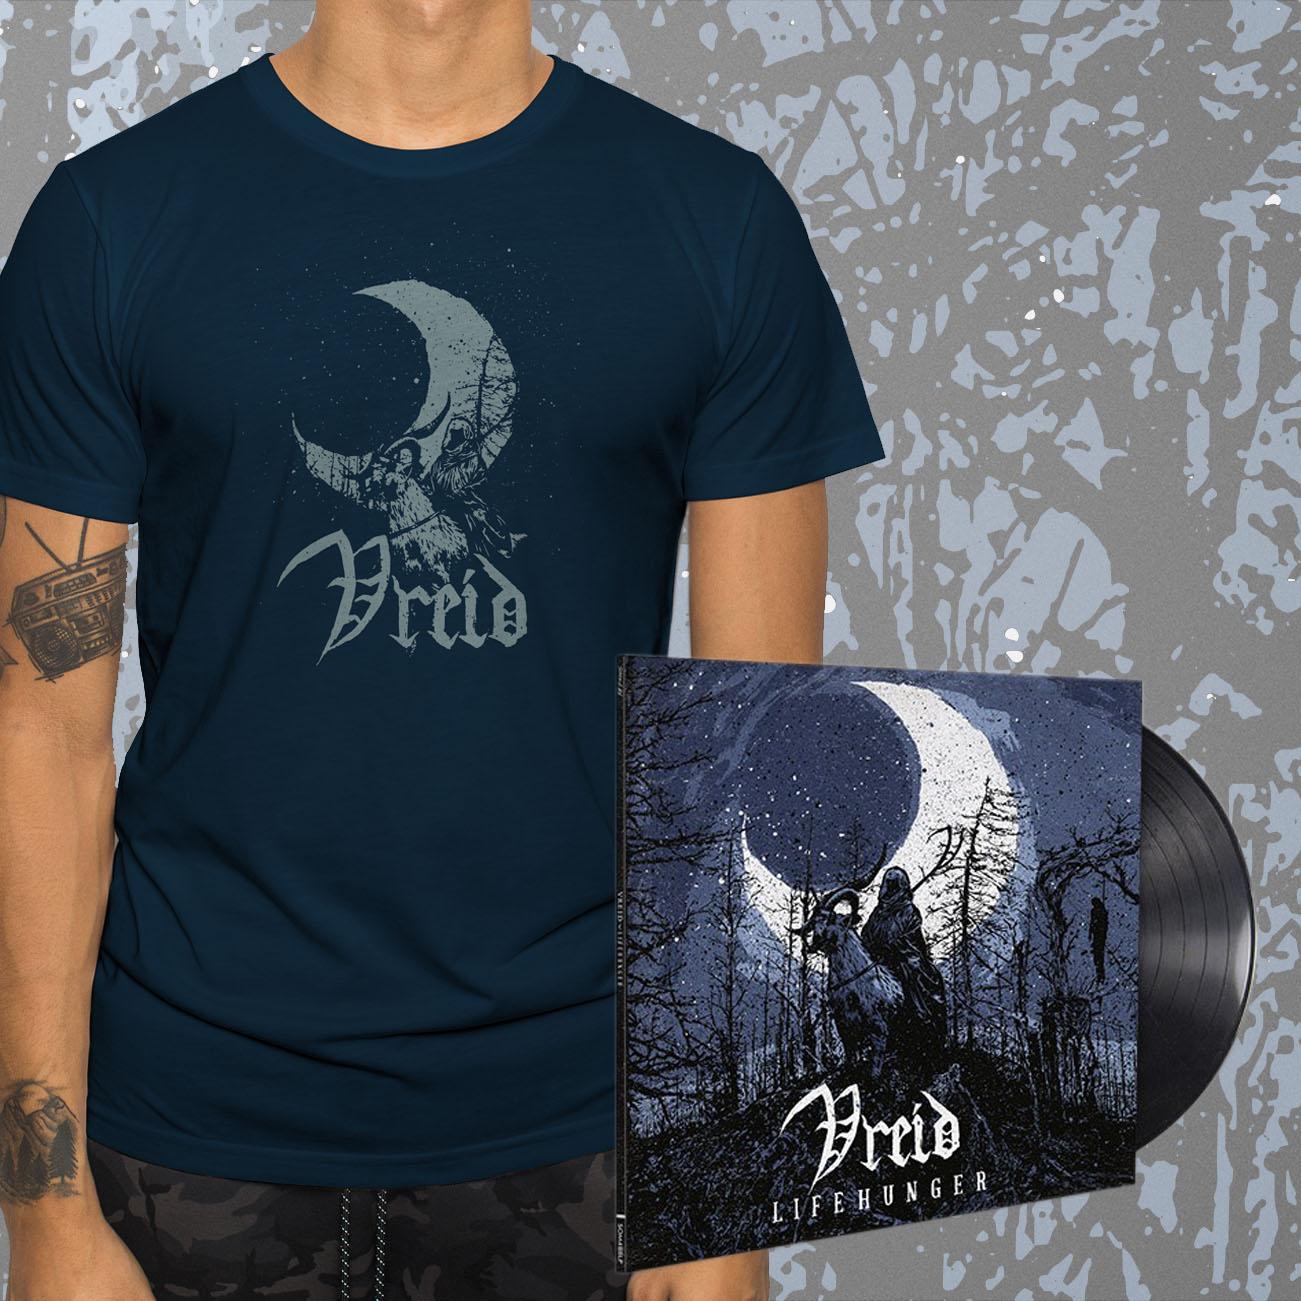 Vreid - 'Lifehunger' Black Vinyl and T-Shirt Bundle - Vreid